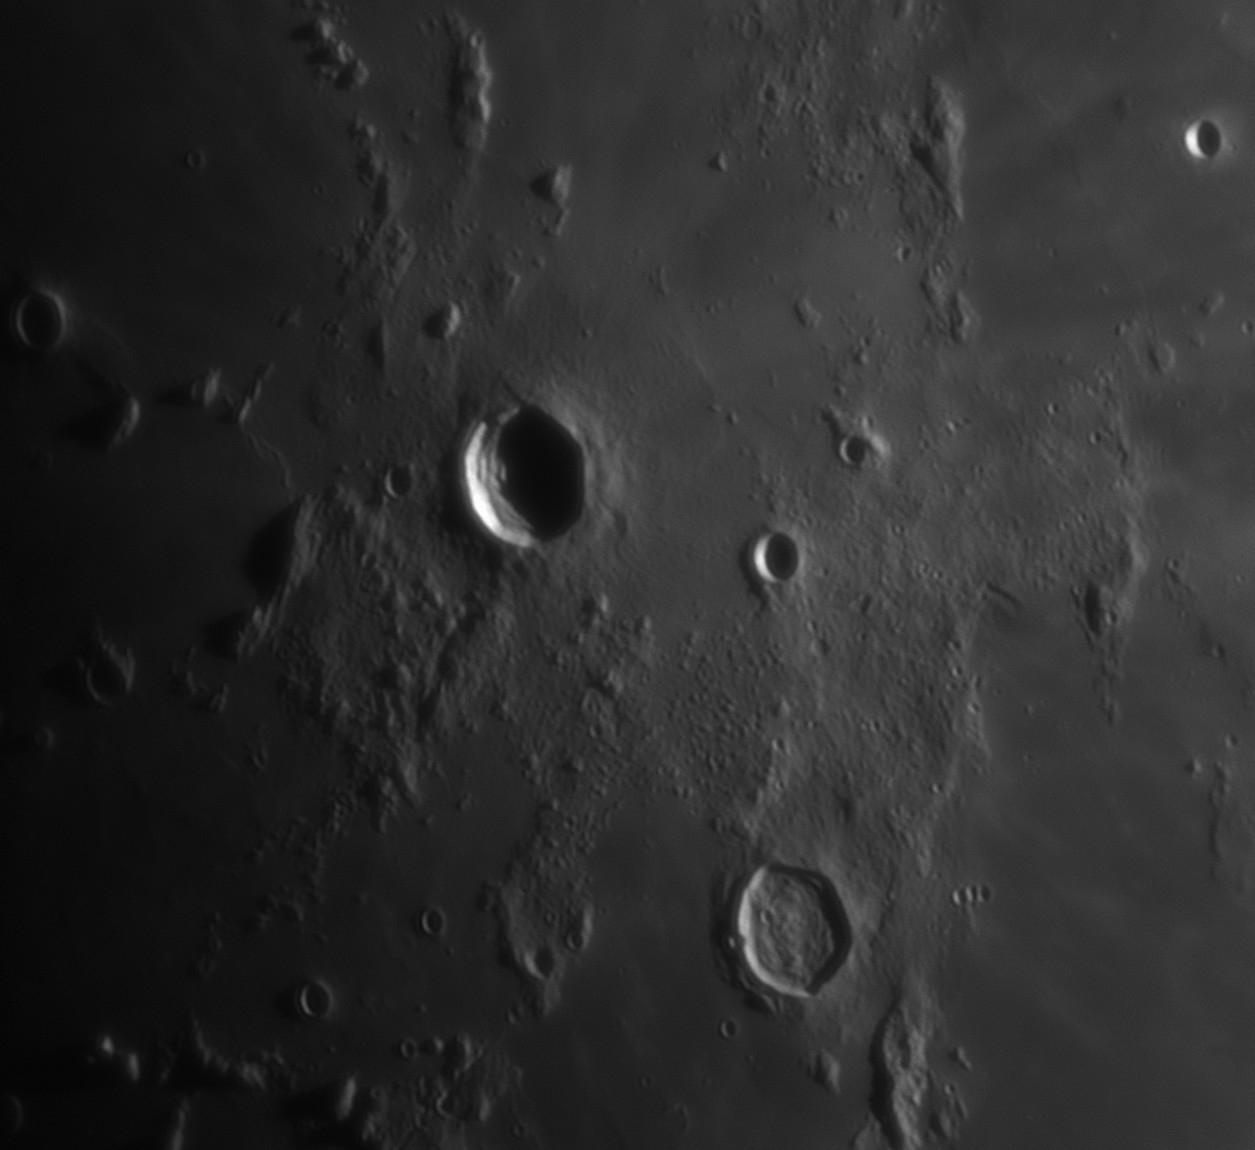 Gros plans lunaires 122643-1550684038